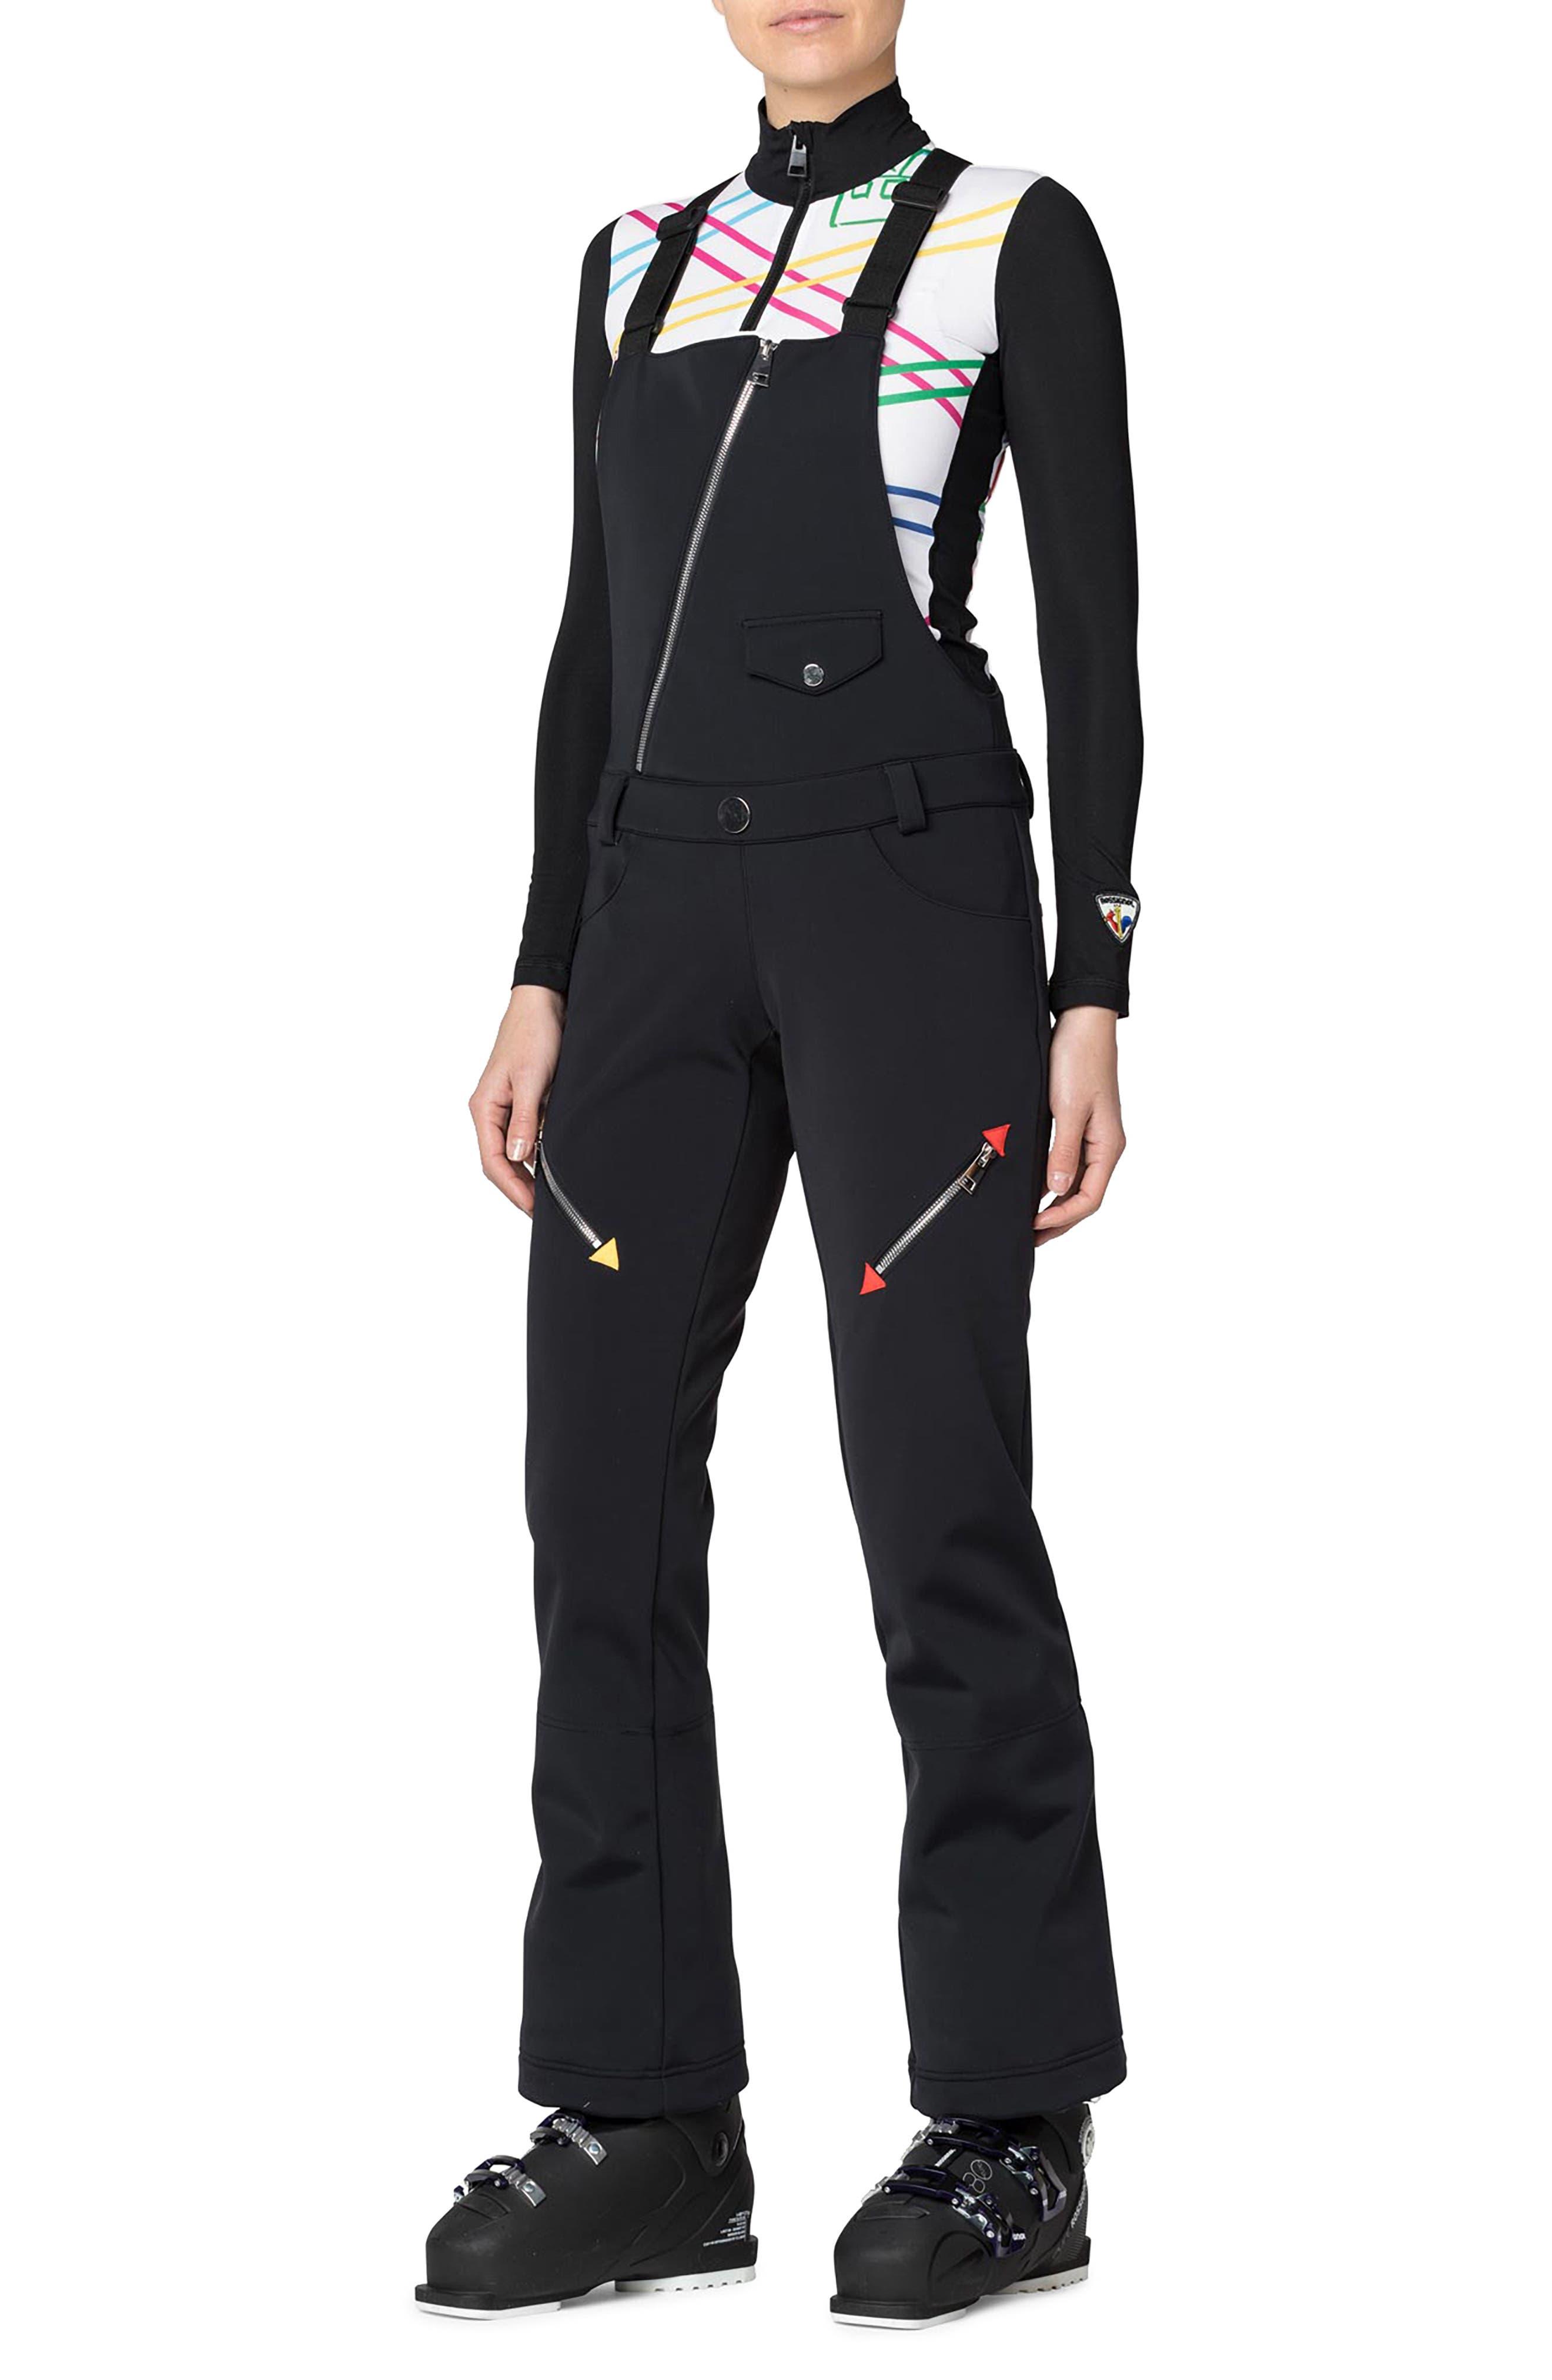 Altirock One-Piece Ski Suit,                             Main thumbnail 1, color,                             010